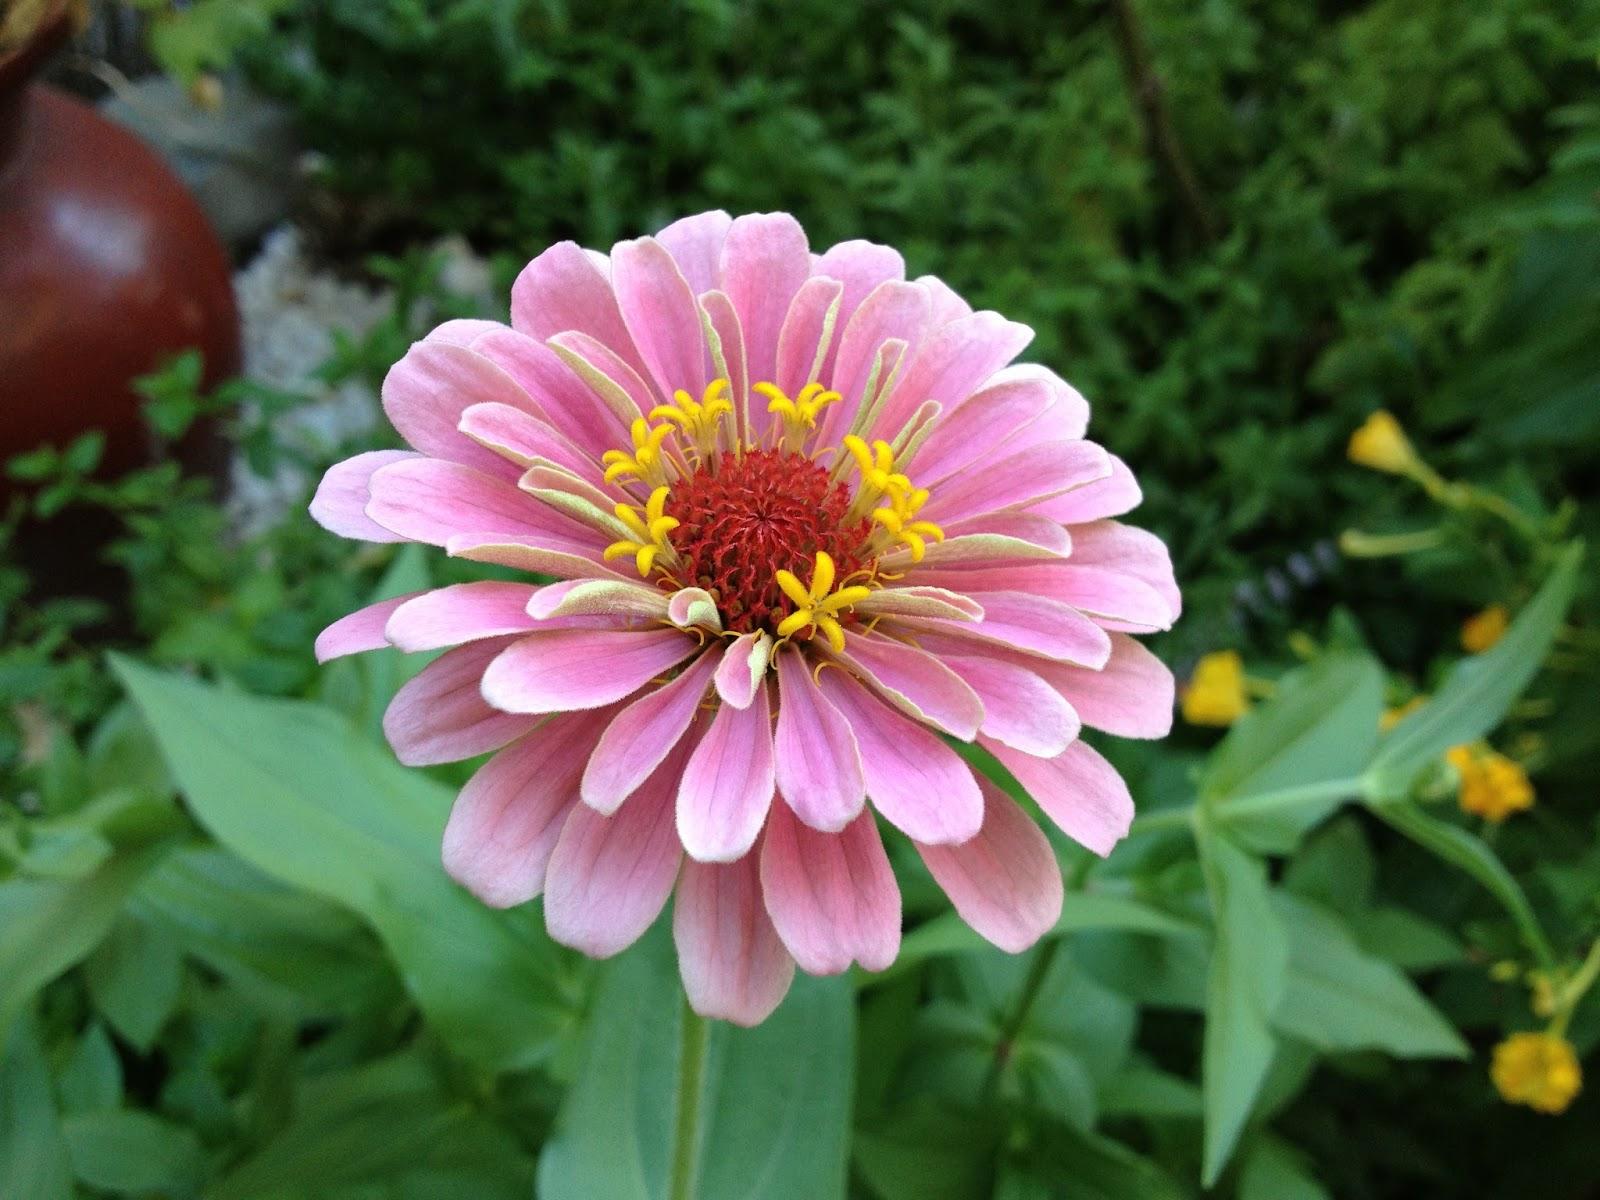 Arte Y Jardineria Flores Y Plantas De Arte Y Jardineria - Flores-bonitas-para-jardin